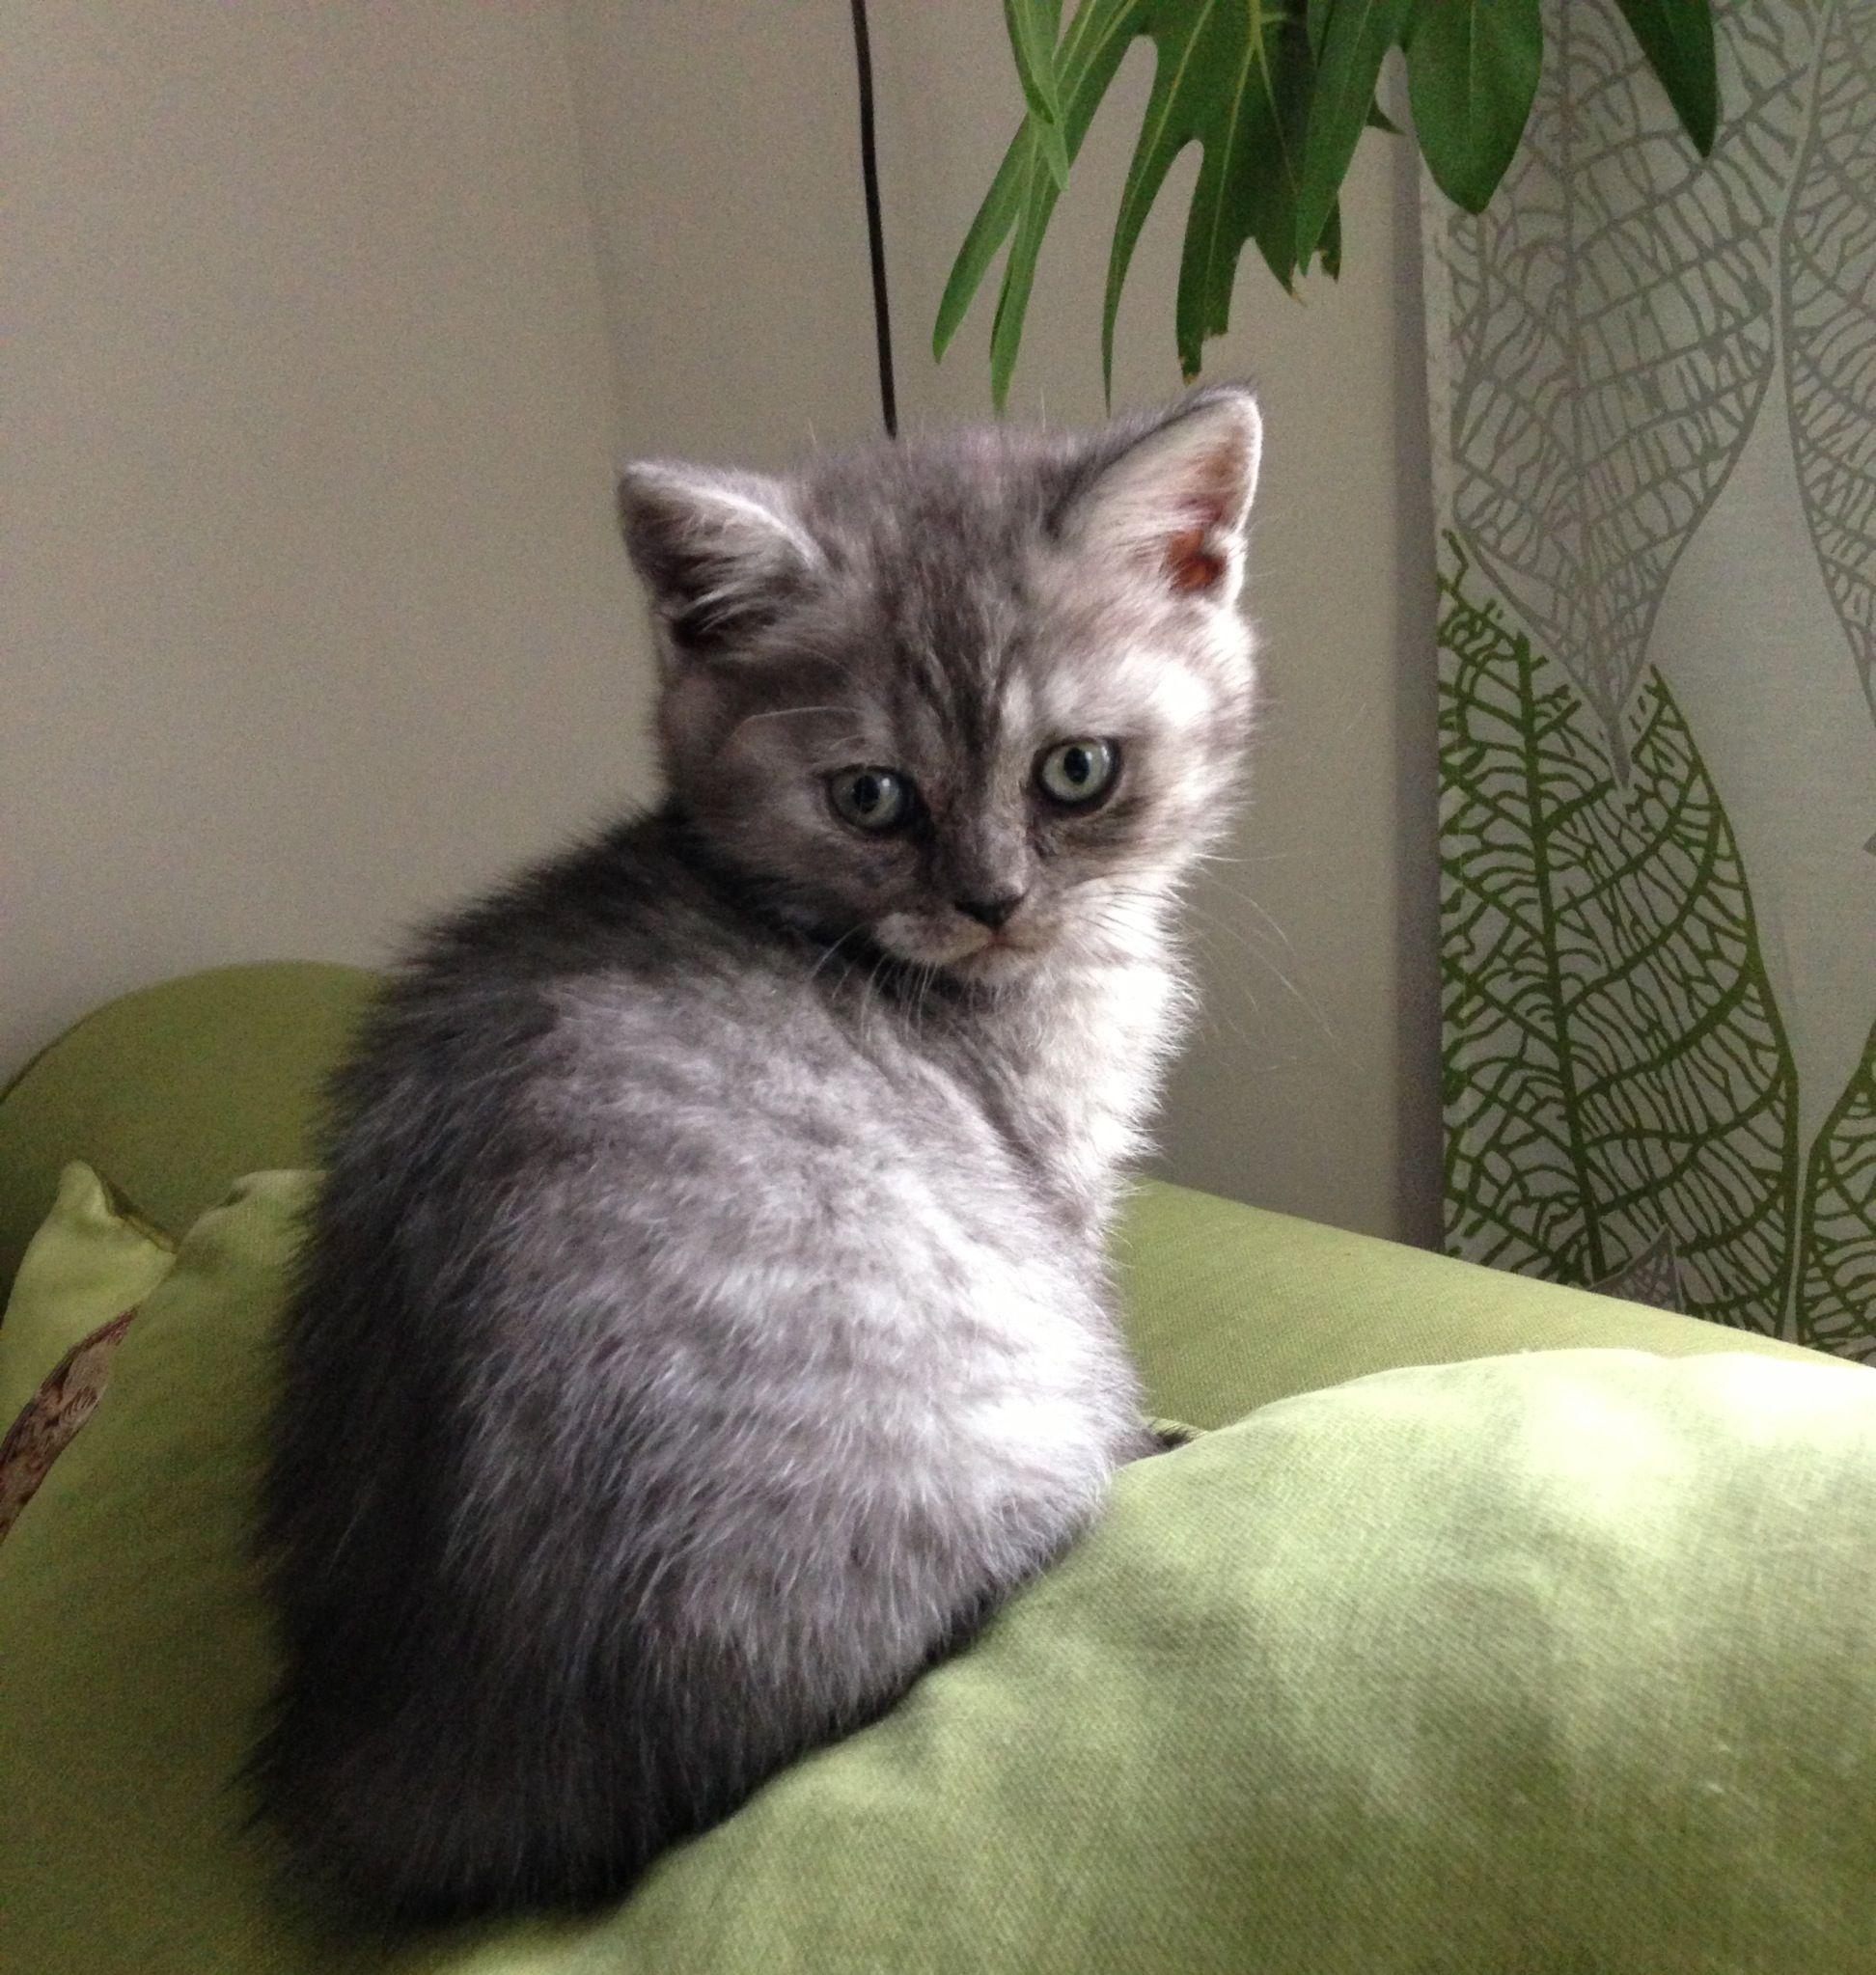 Helmut British Shorthair Kitten 6 Weeks British Shorthair Kittens Cute Cats And Kittens British Shorthair